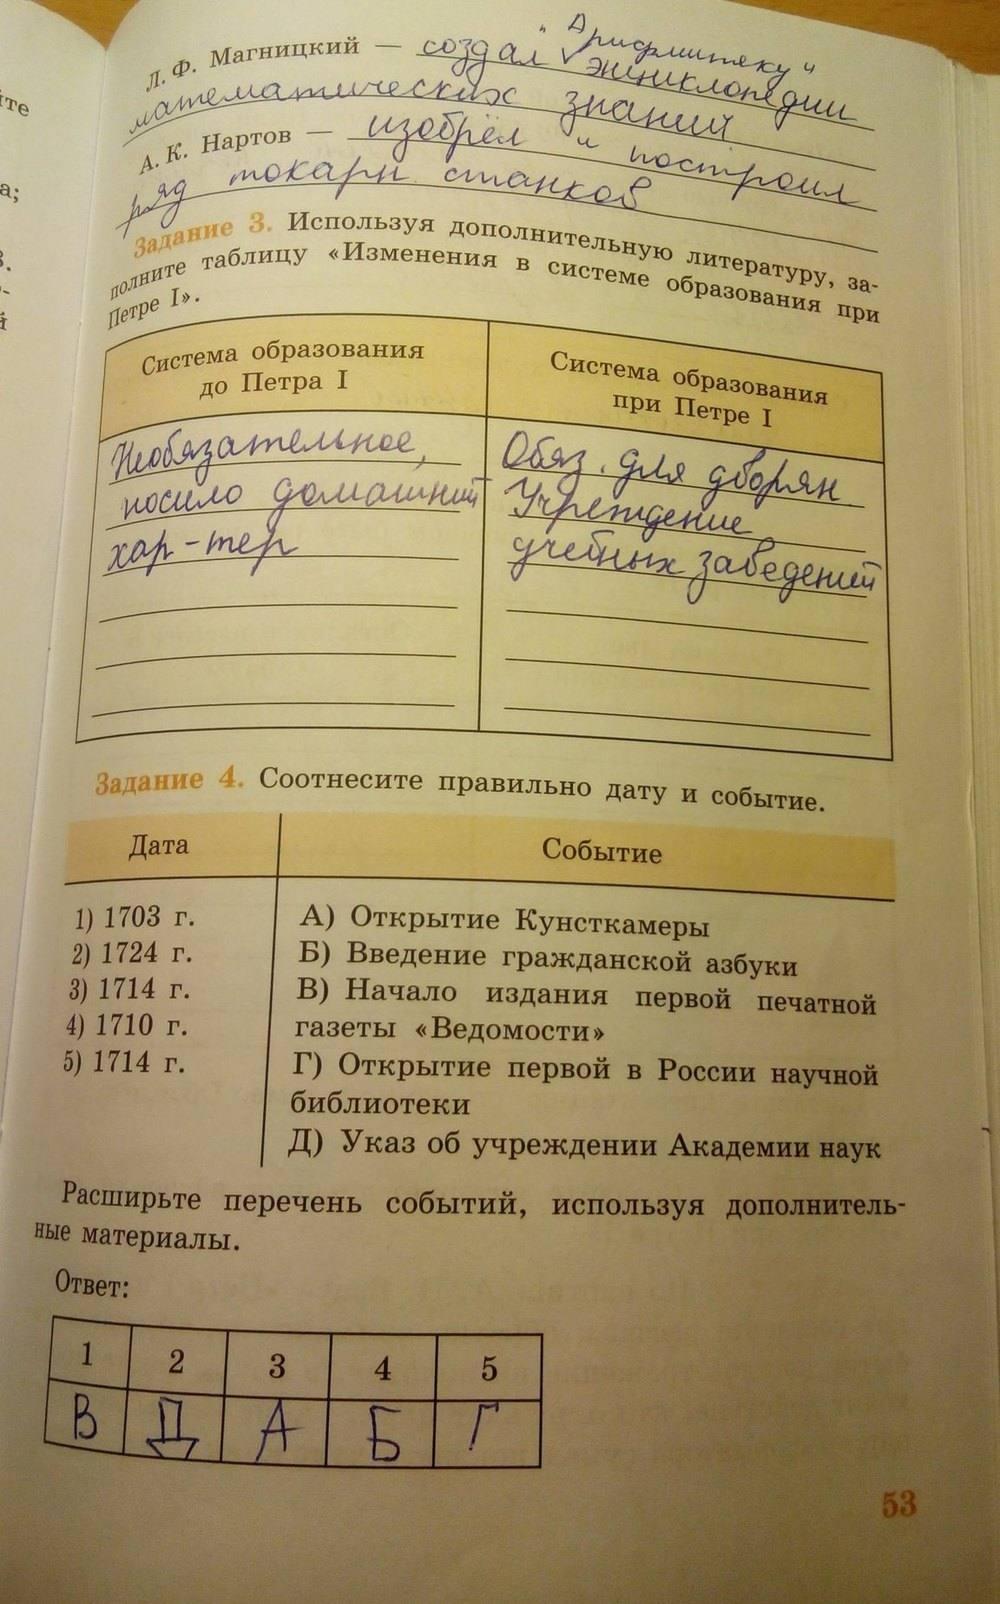 I Решебник По Истории 7 Класс Рабочая Тетрадь Данилов Косулина